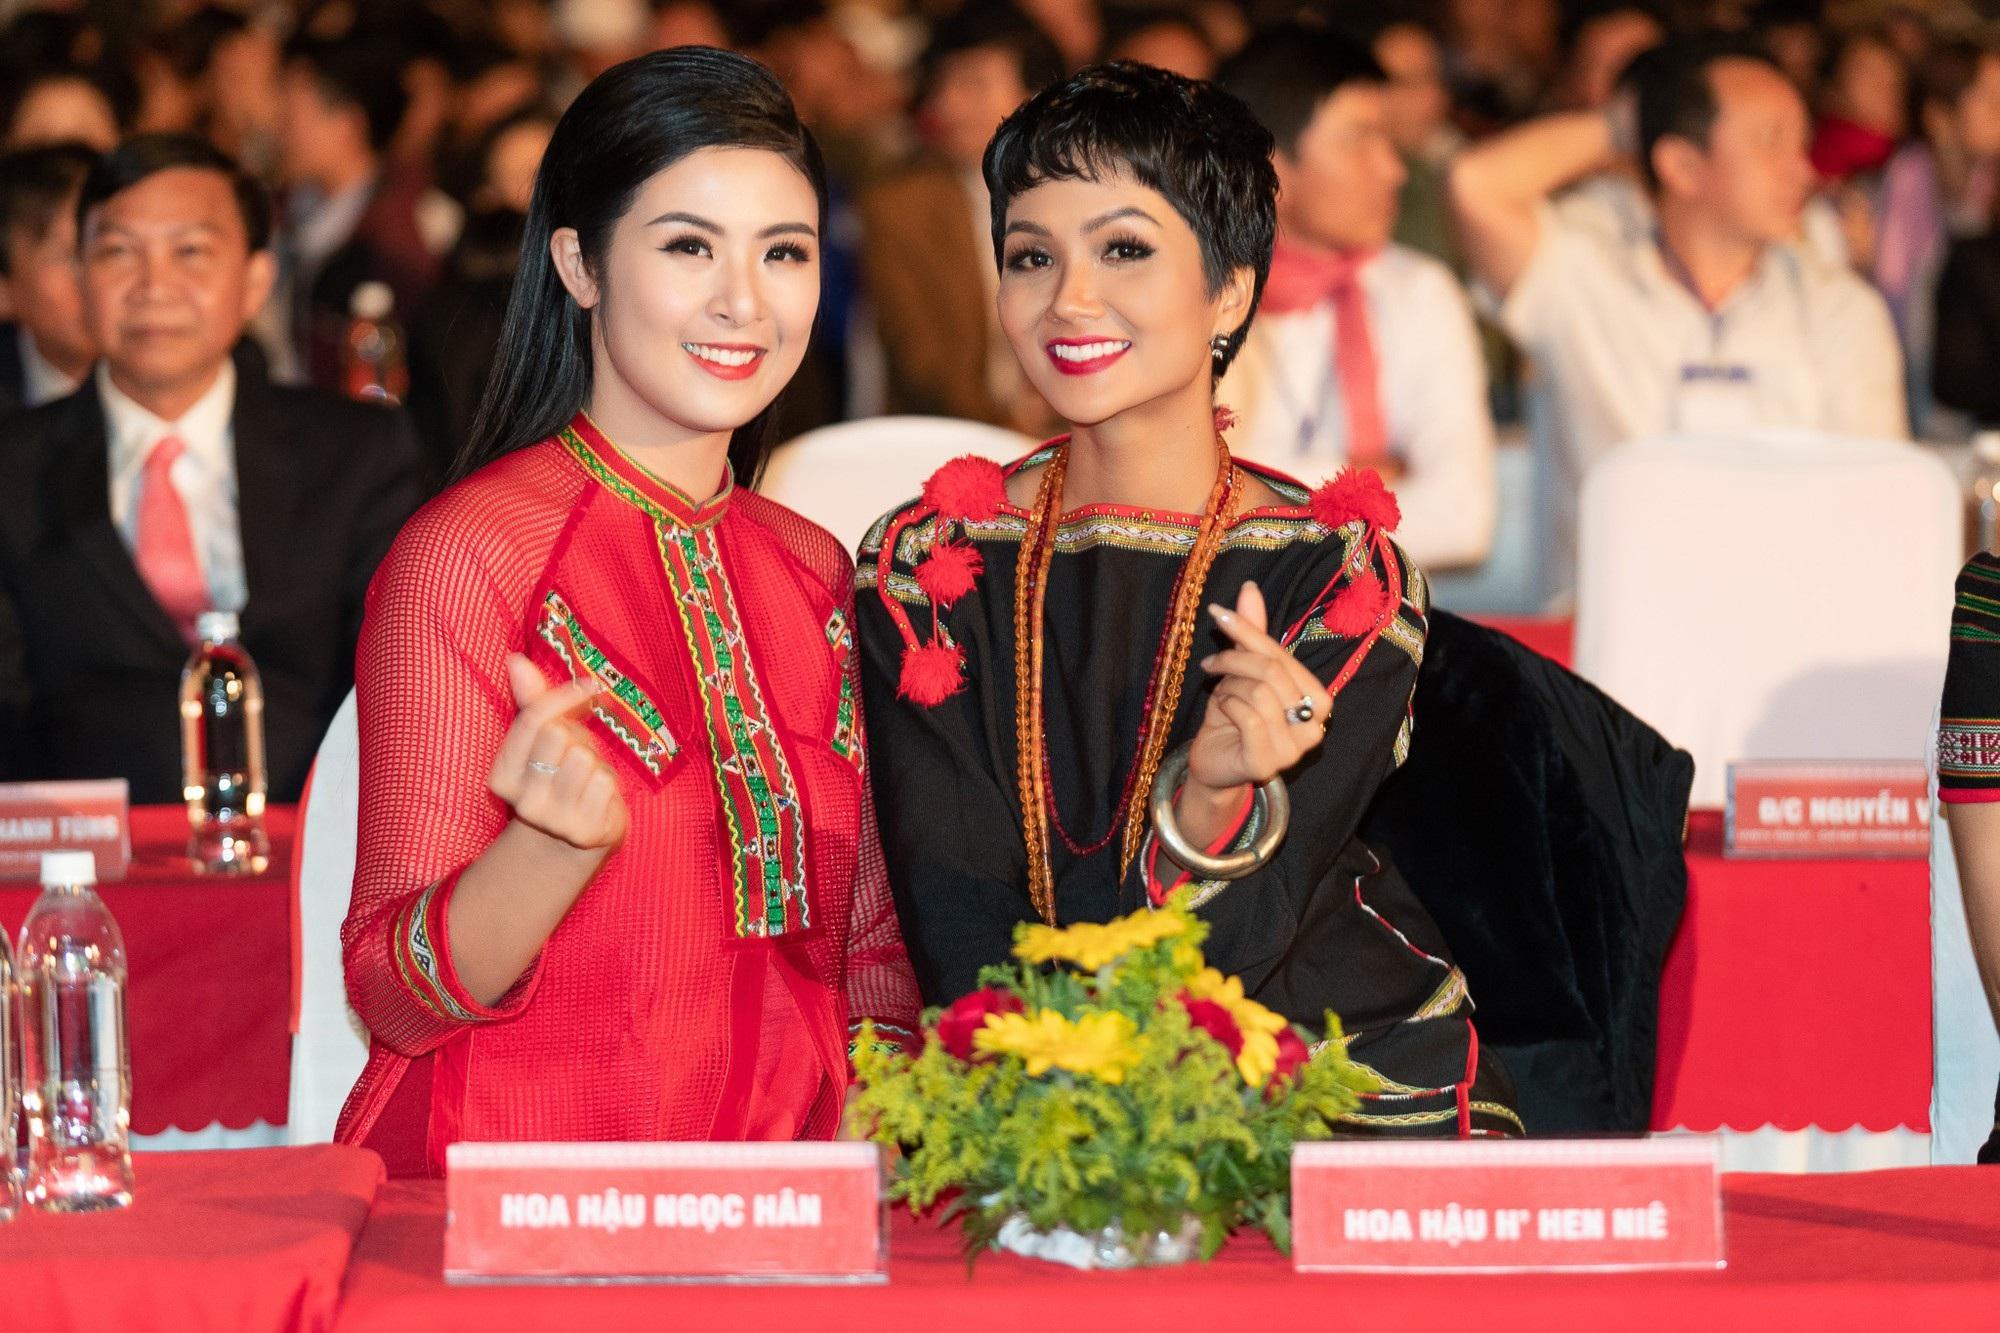 NTK Đỗ Trịnh Hoài Nam hội ngộ Hoa hậu Ngọc Hân, H'Hen Niê - Ảnh 3.